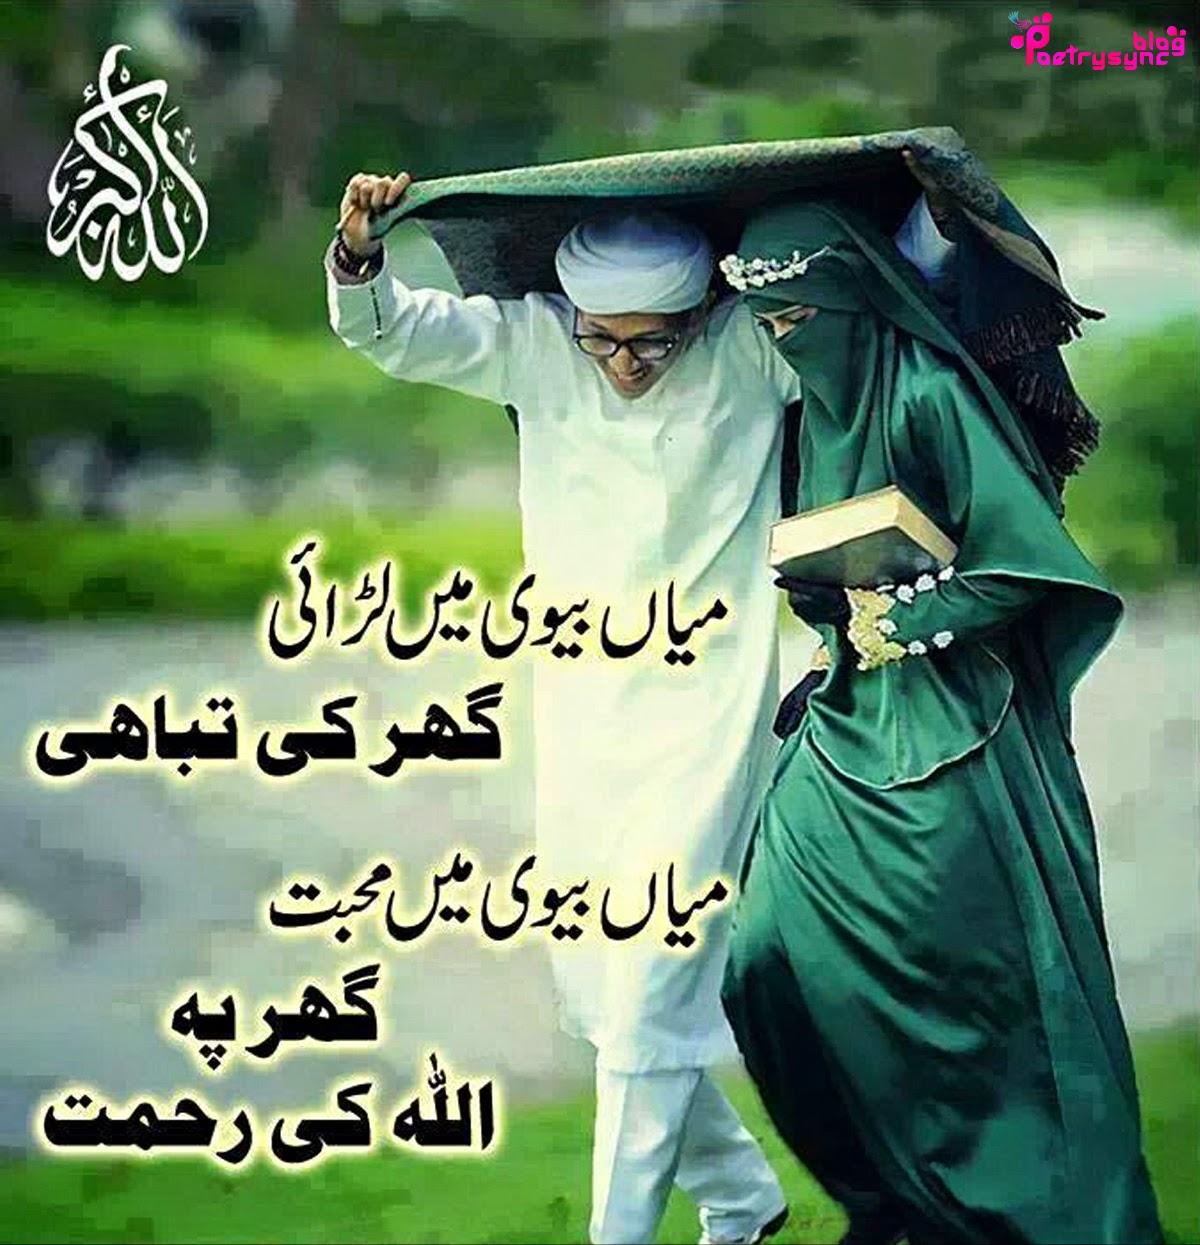 Urdu Quotes About Life. QuotesGram